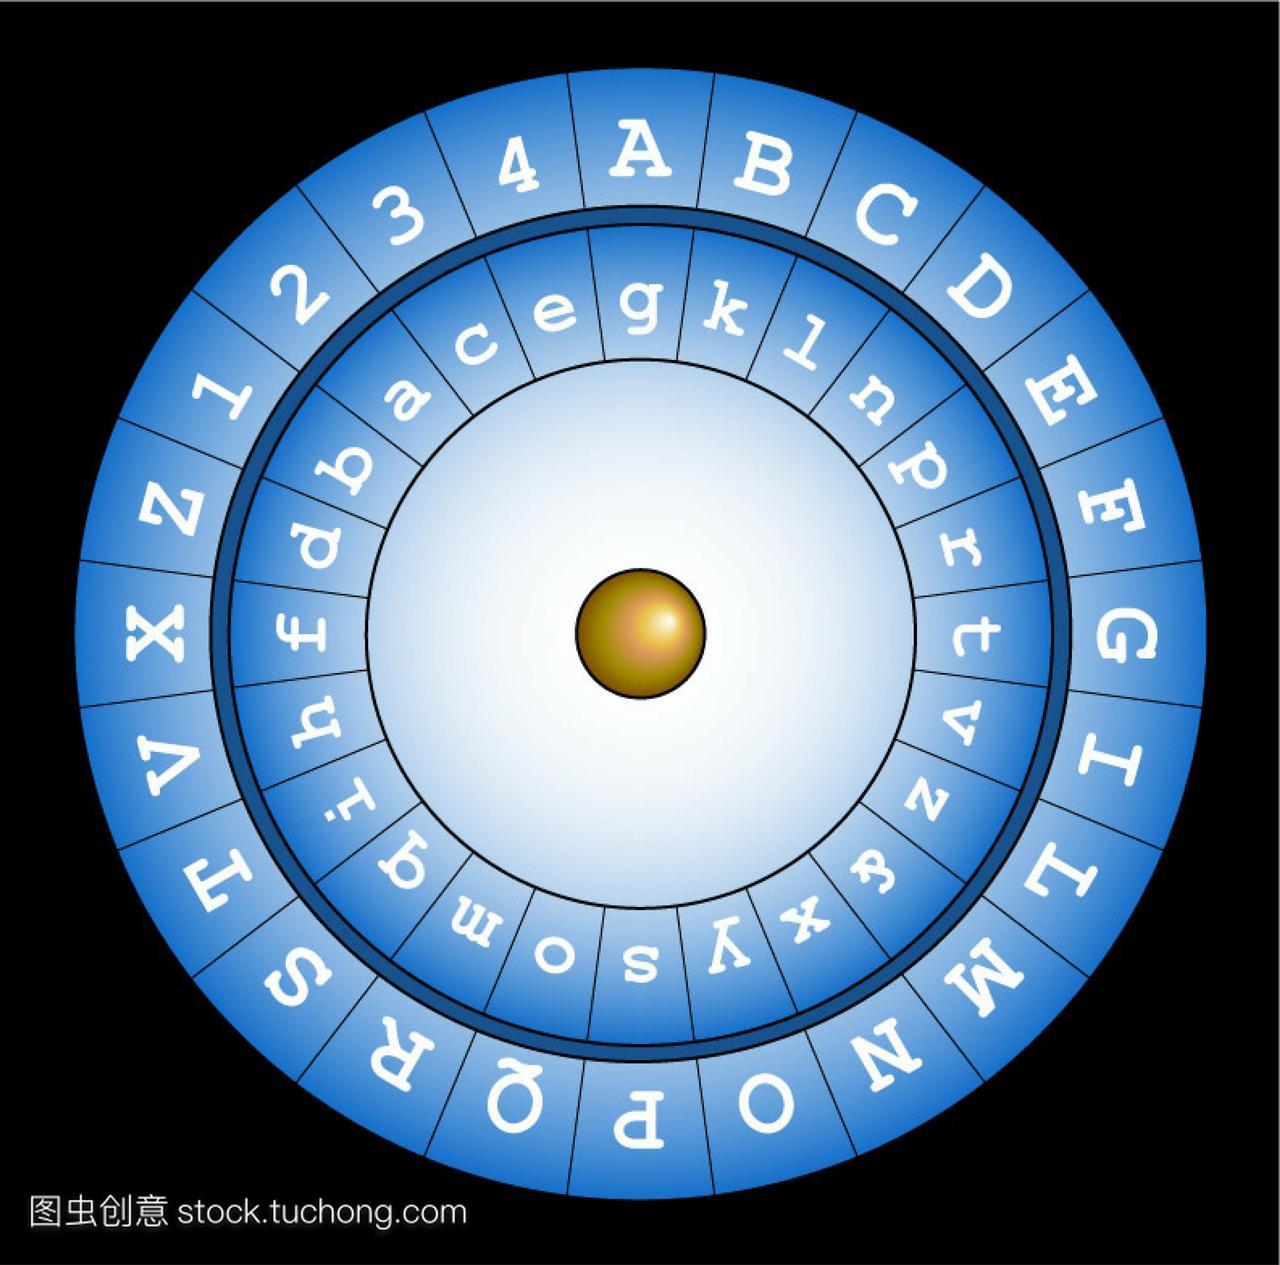 阿尔贝蒂密码盘艺术品。这个设备被描述在14篇61背必古诗文初中生图片